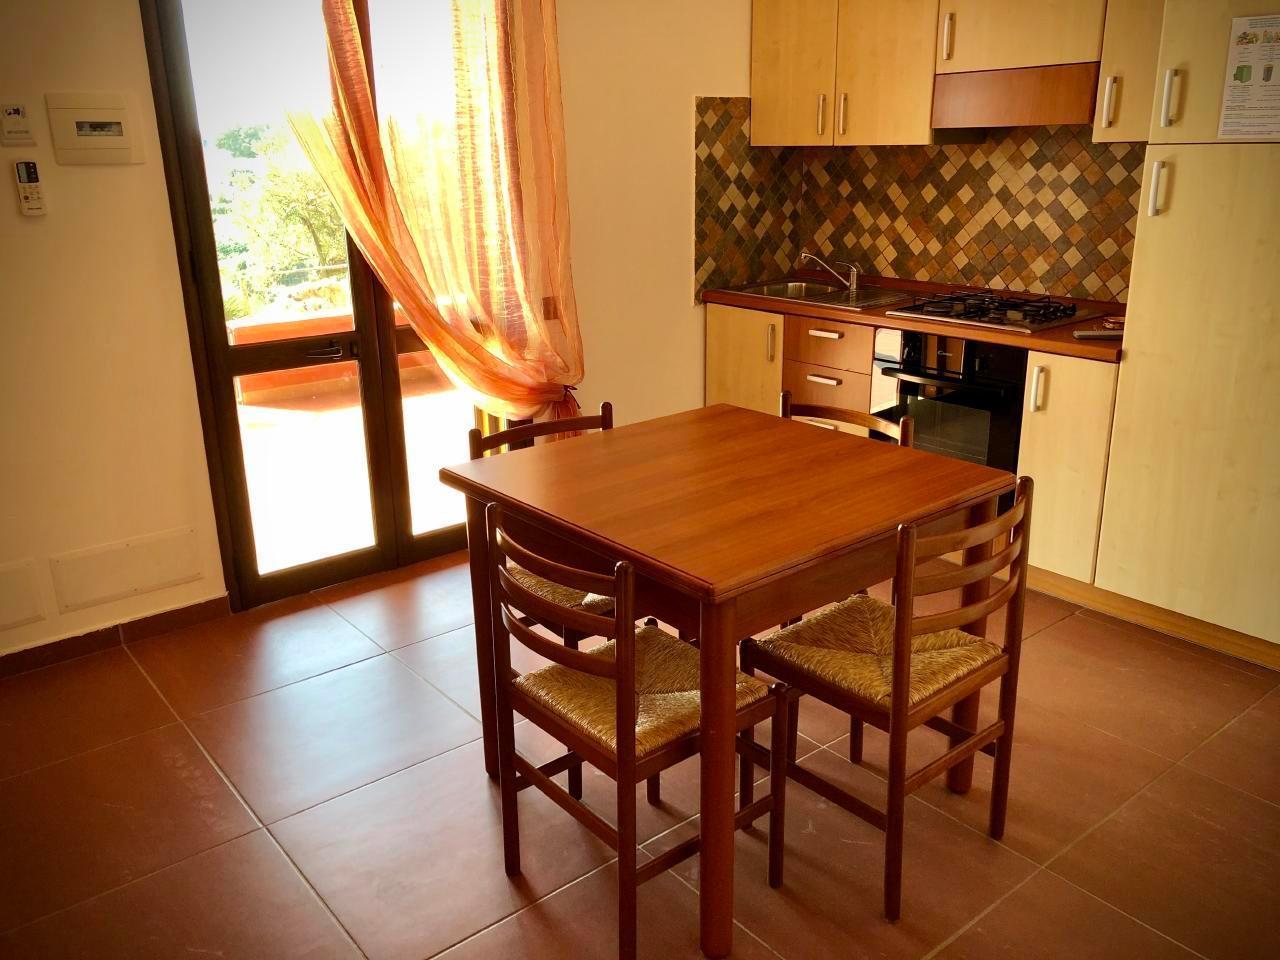 Ferienhaus Ferienwohnungen (405222), Sciacca, Agrigento, Sizilien, Italien, Bild 10